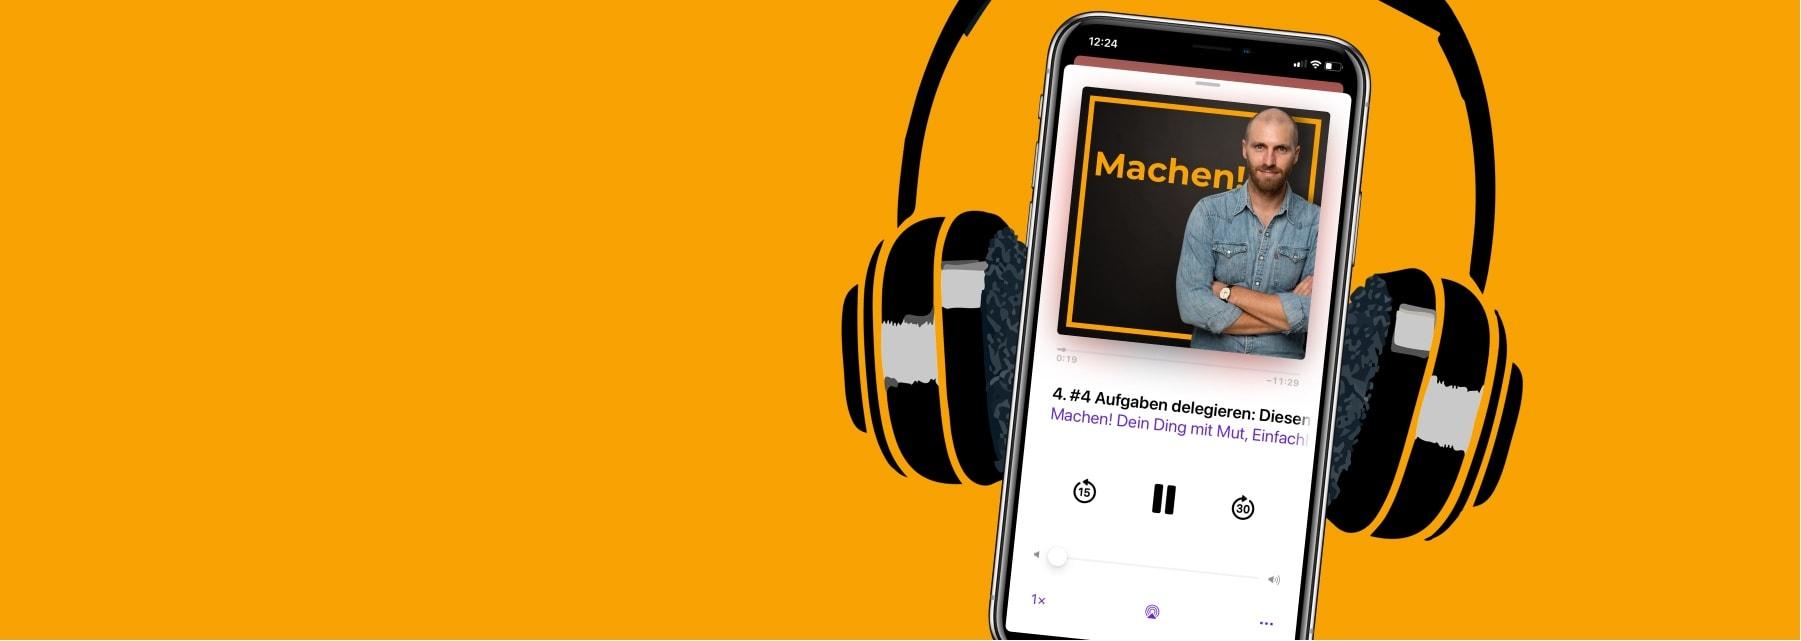 Machen! Podcast für Unternehmer, Gründer zu Recruiting, Führung, Management, Produktivität, Marketing von Michael Asshauer – früher TALENTE Podcast